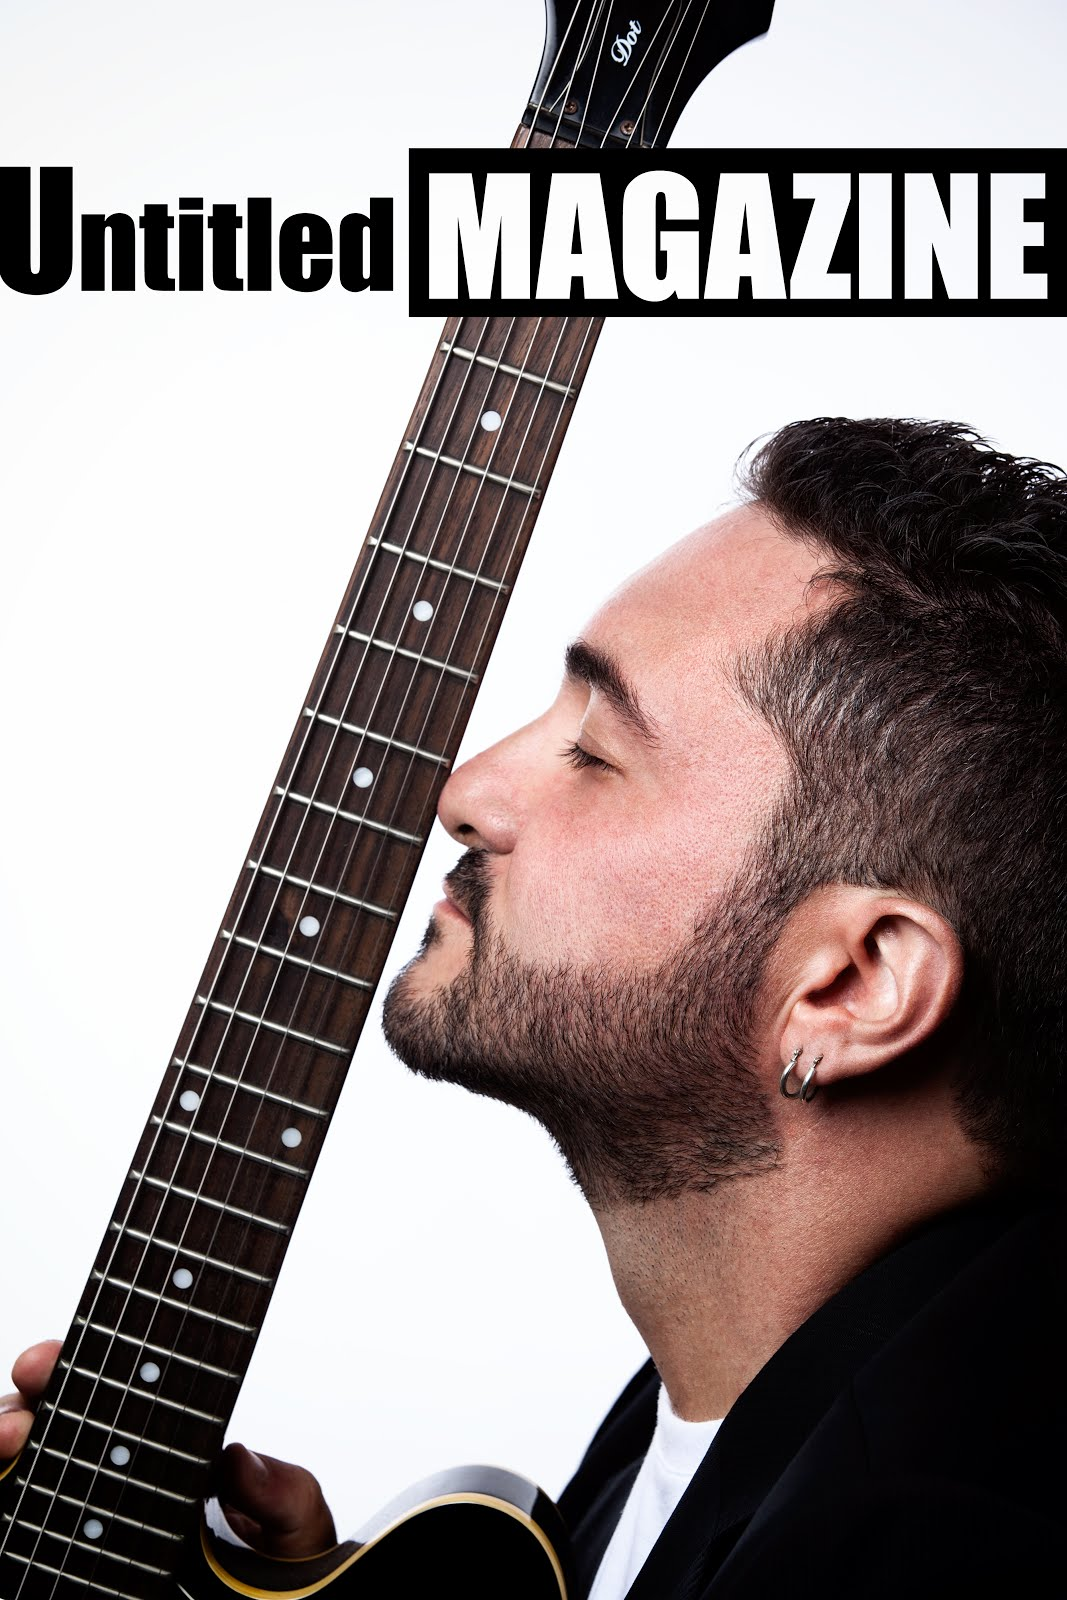 Intervista al cantautore Eliamo, a cura di Marla Lombardo.